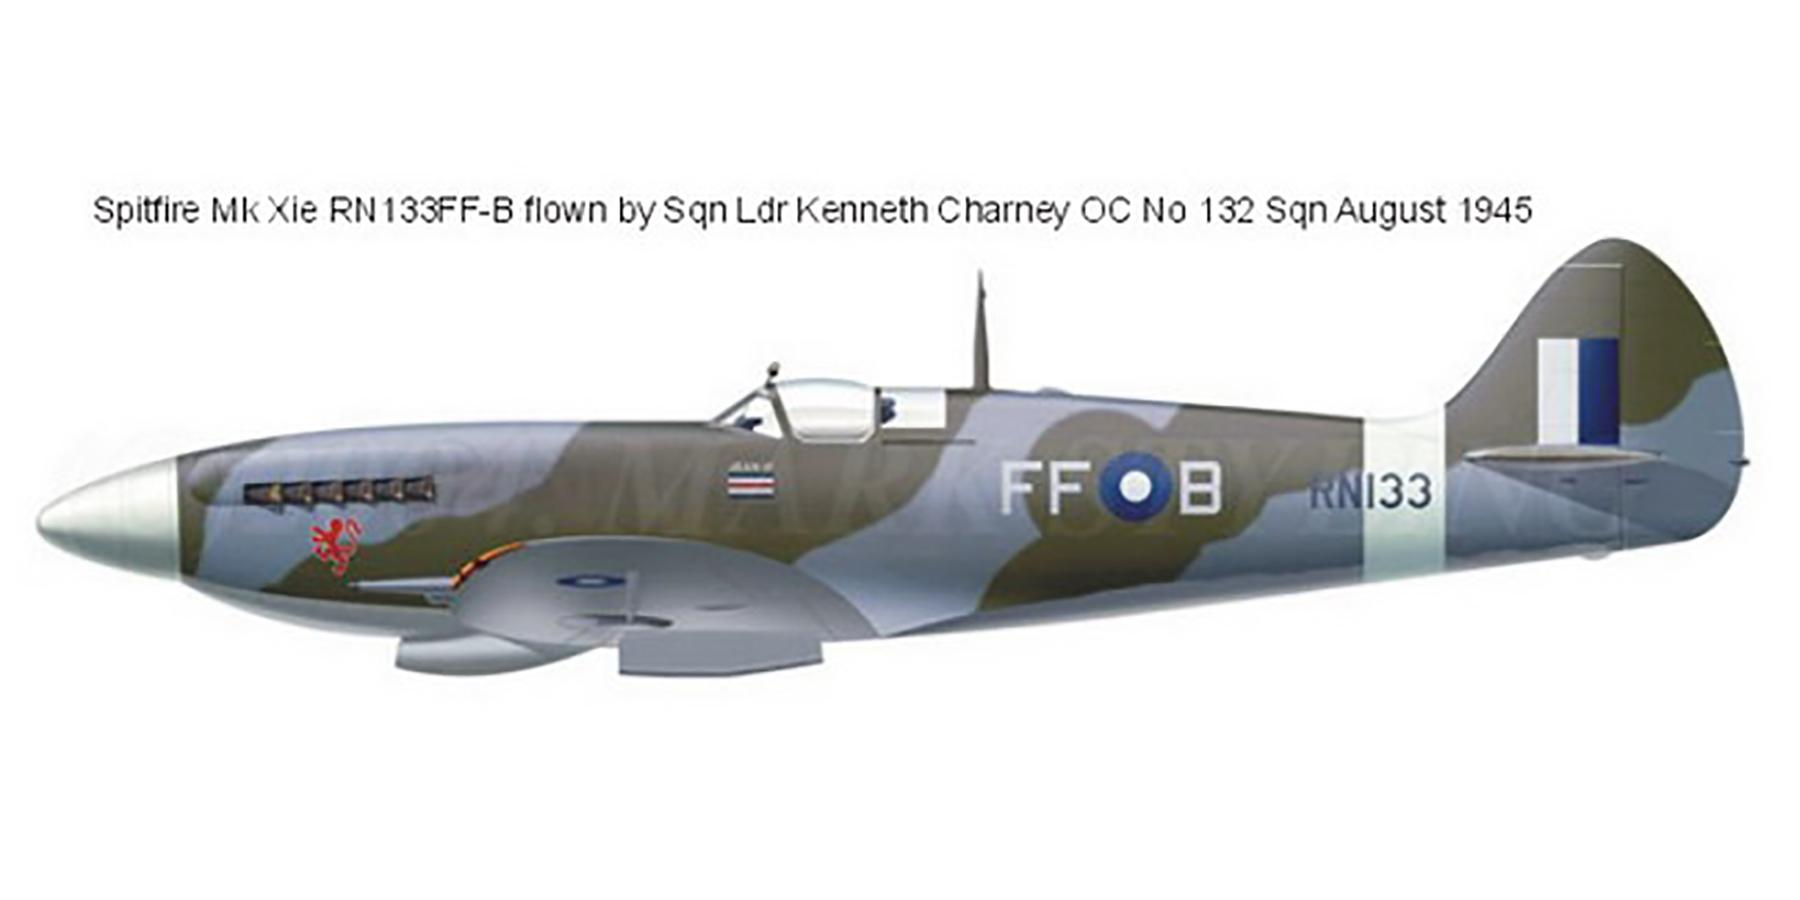 Spitfire XVI RAF 132Sqn FFB Lenneth Charney RN133 India Aug 1945 0A